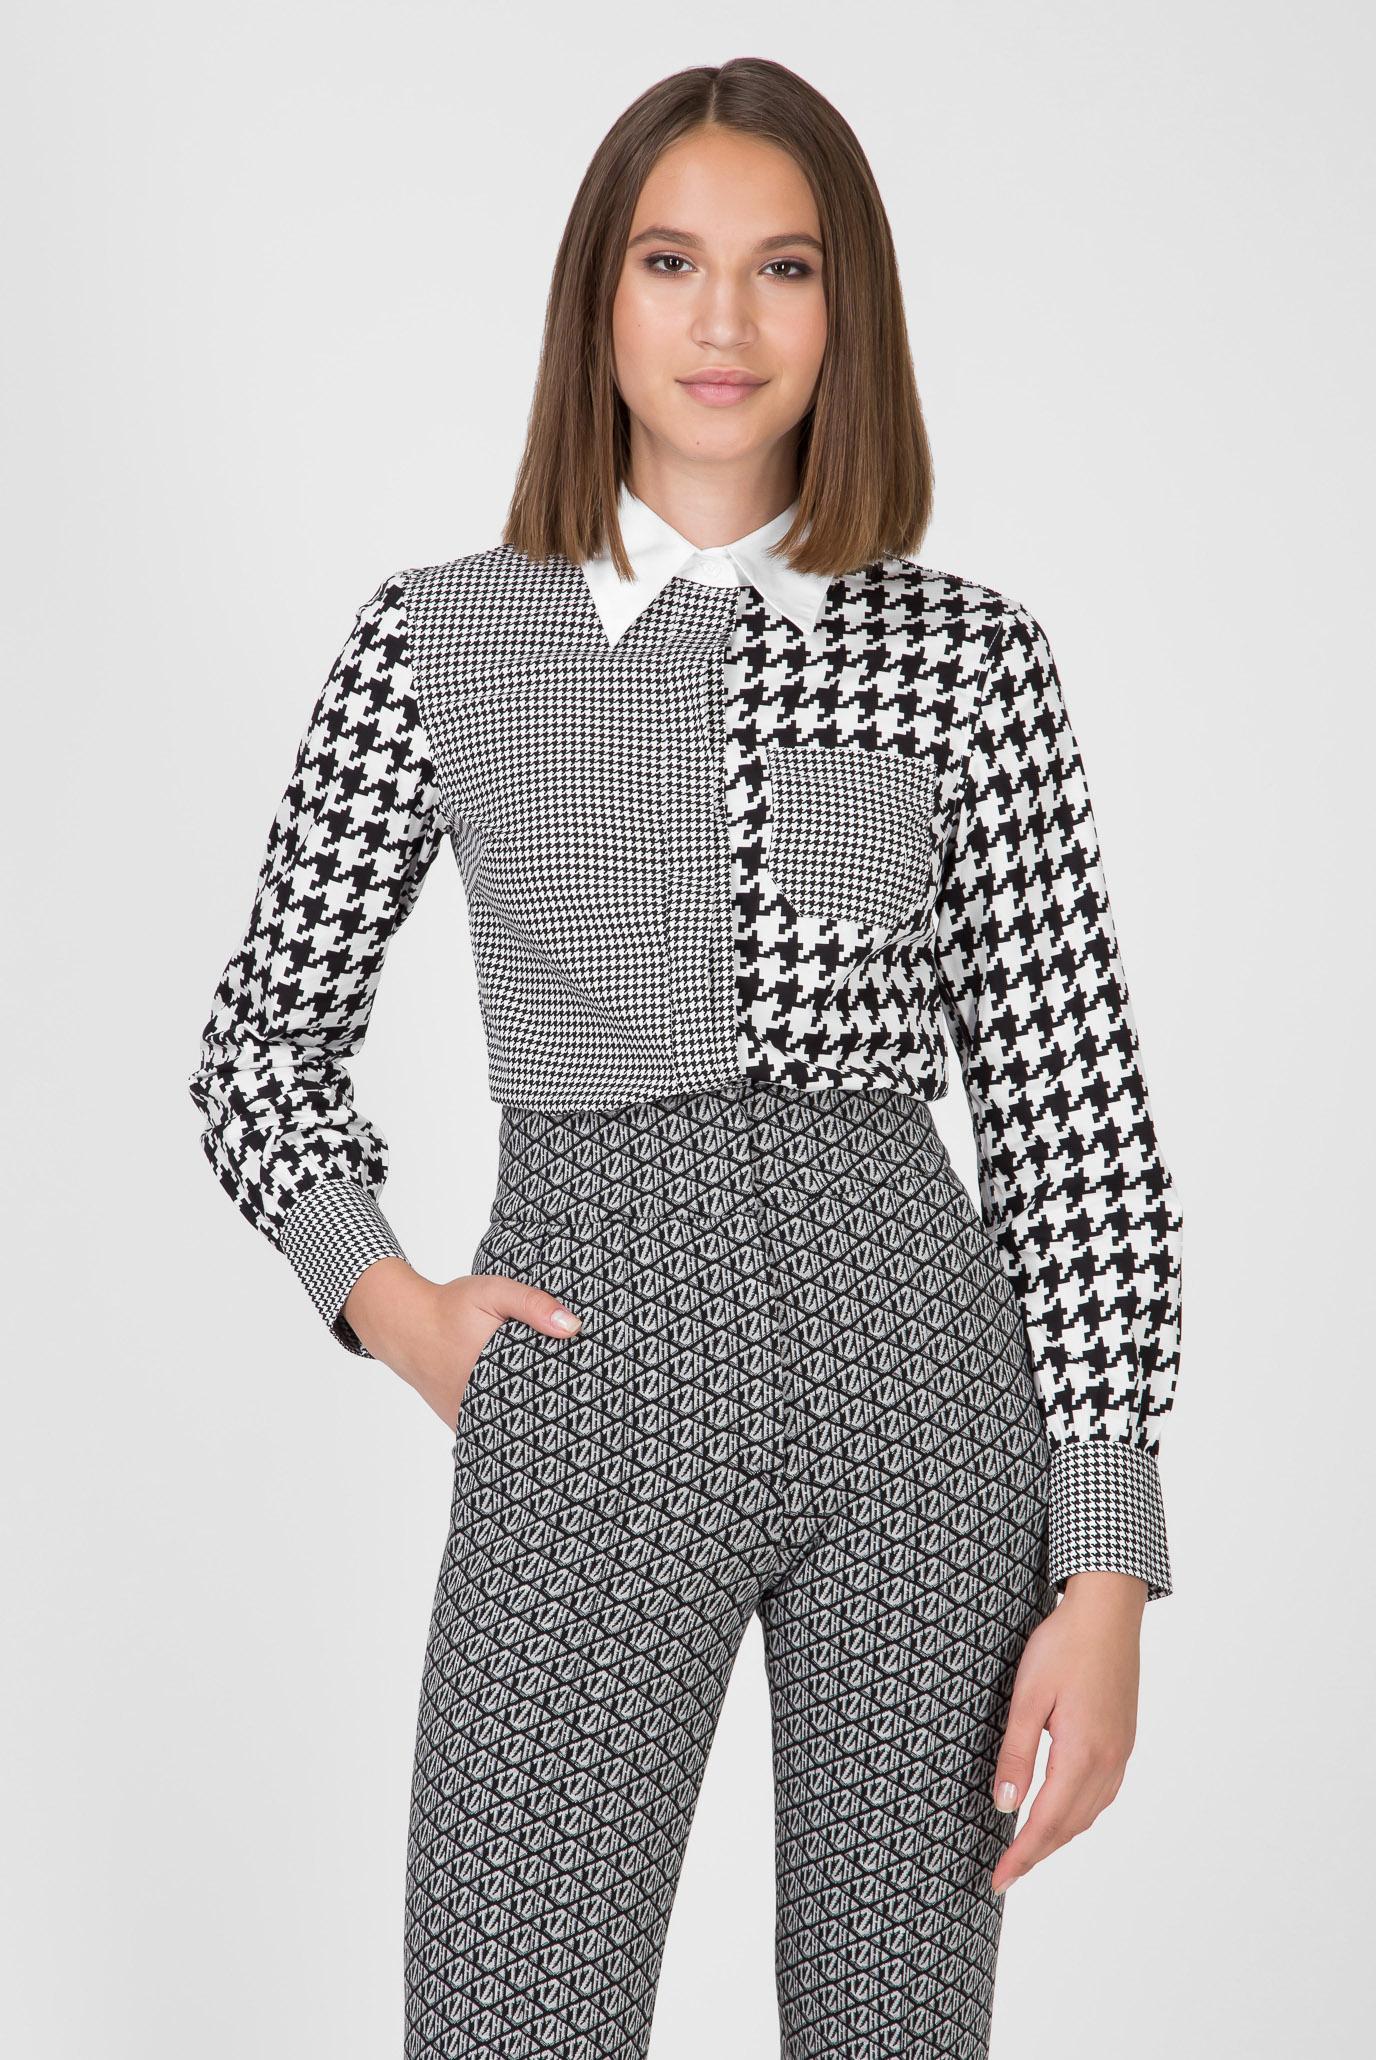 Женская рубашка с принтом ZENDAYA FITTED HOUNDSTOOTH Tommy Hilfiger